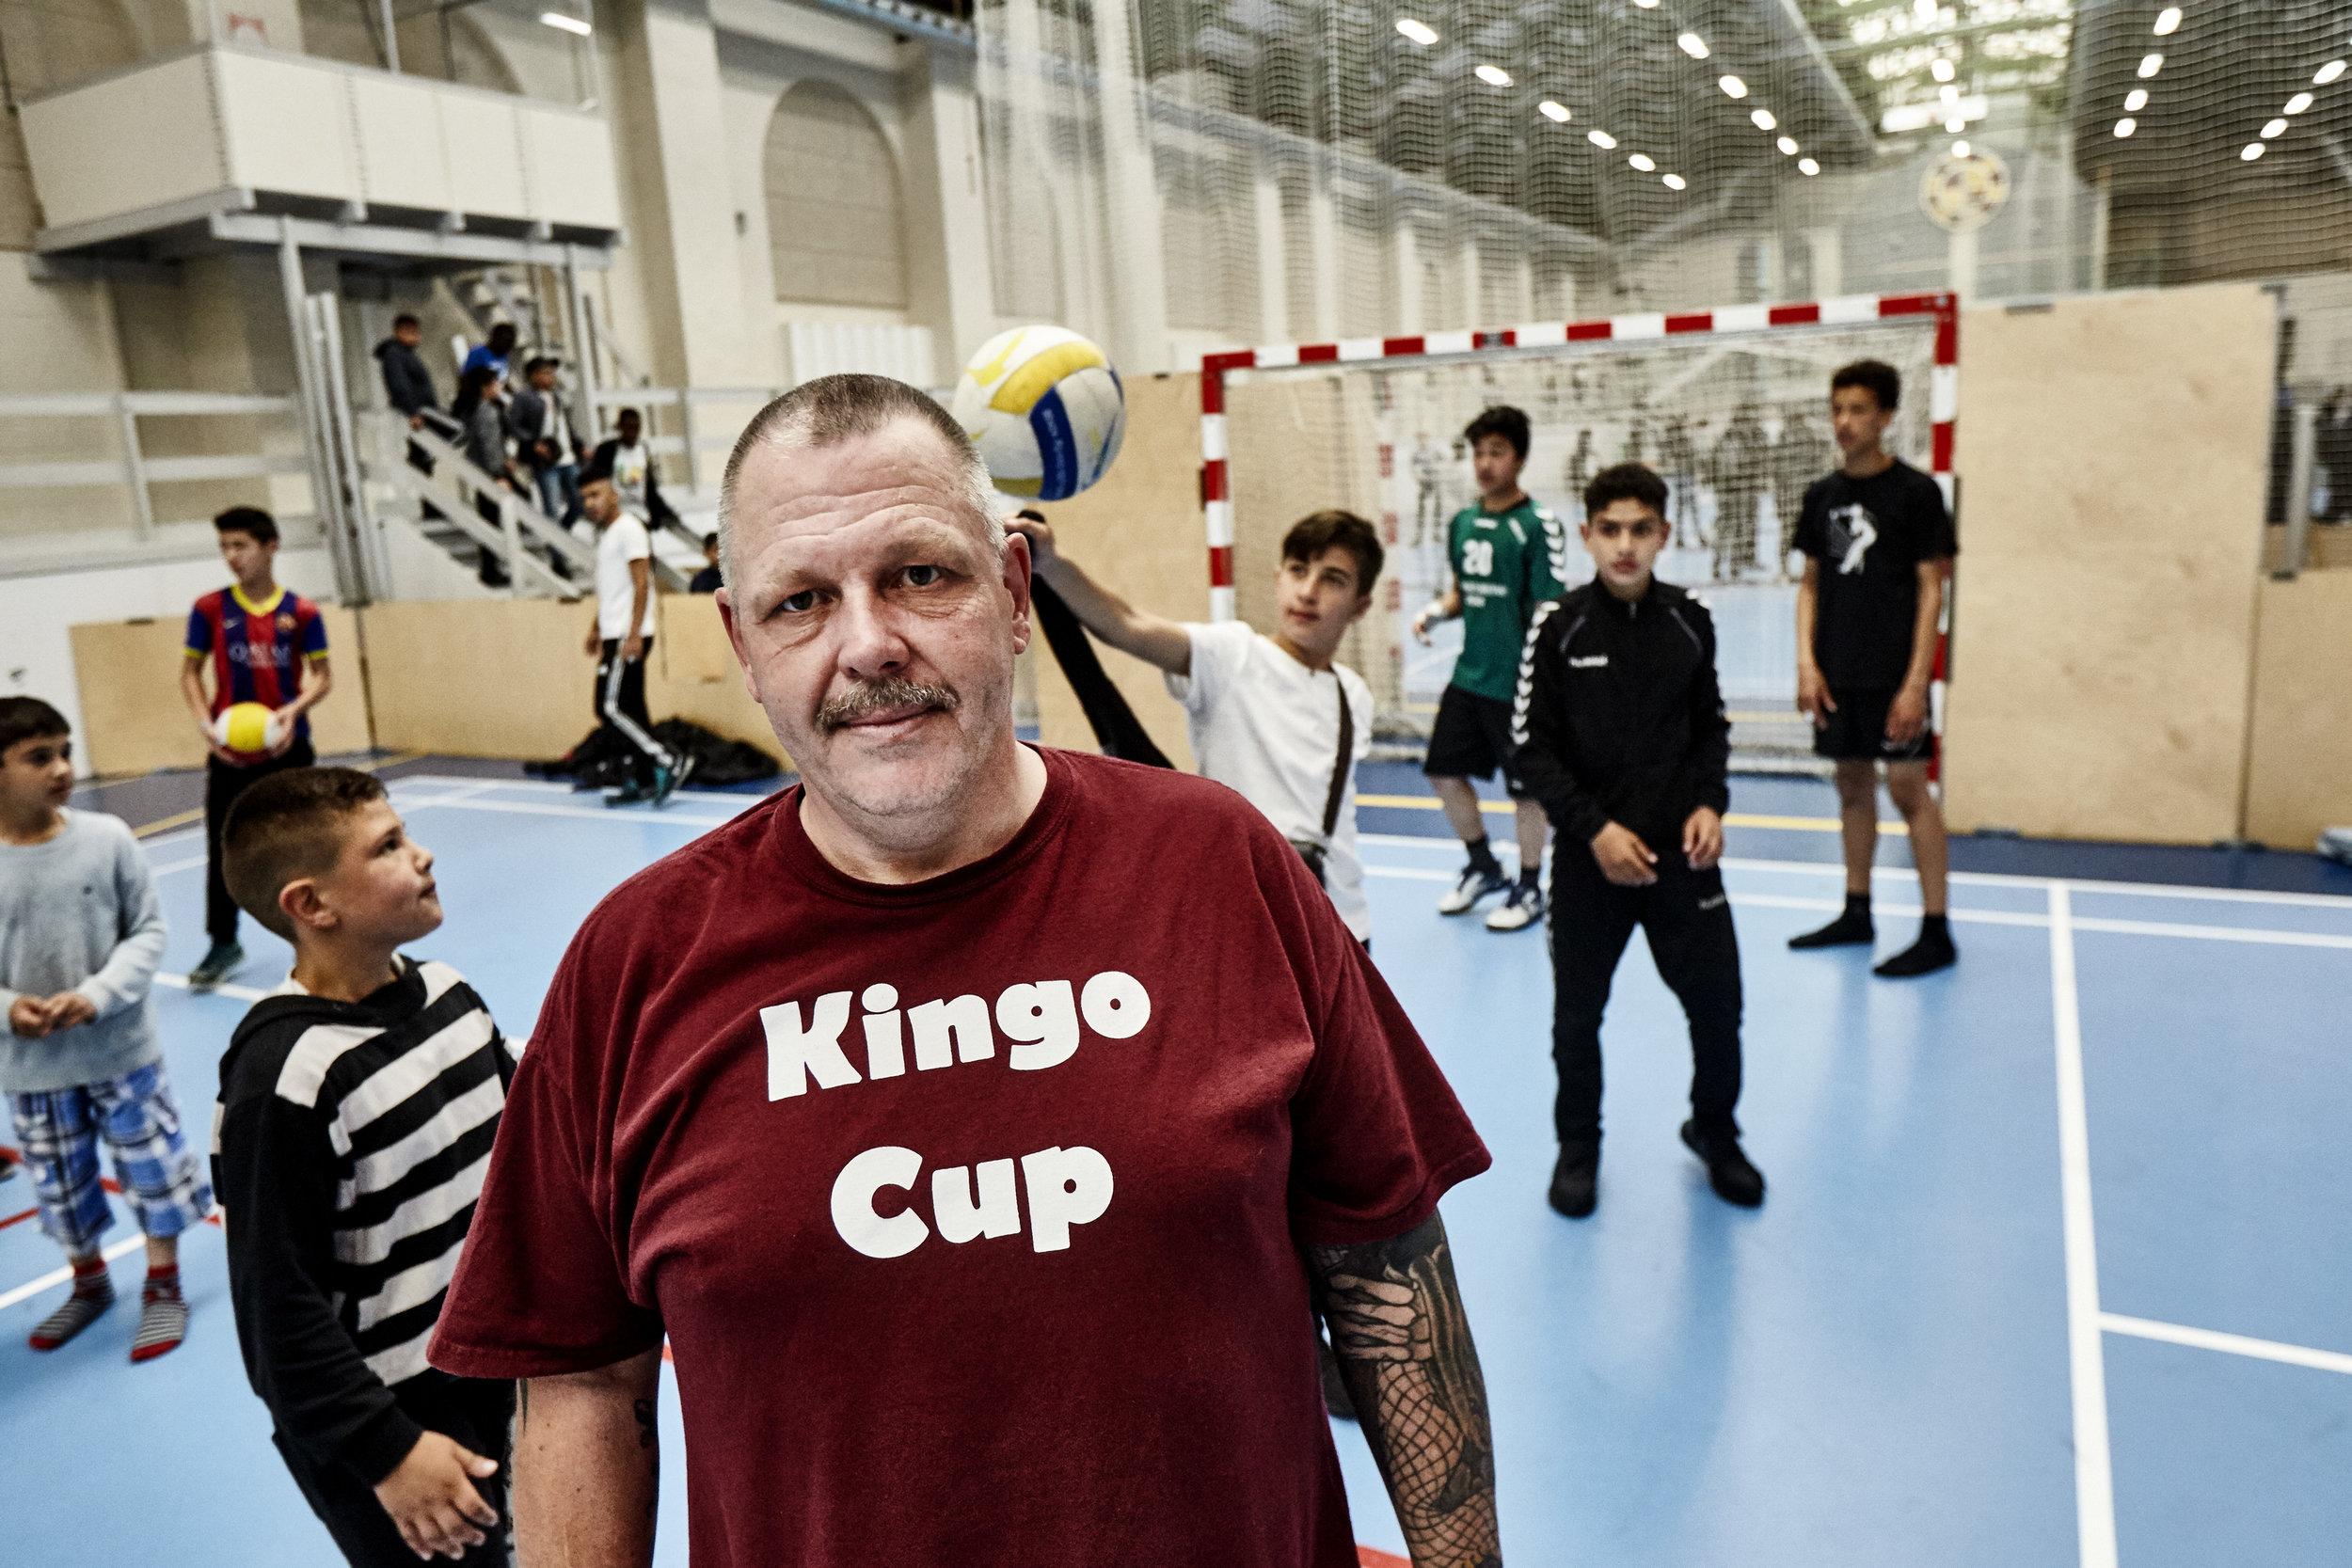 John Salby er et kendt ansigt blandt børn og unge på Nørrebro. Den tidligere misbruger har fundet en ny familie i fodboldklubben Nørrebro United, hvor han er 100% frivillig handyman og hjælpetræner. Foto: Klaus Sletting Jensen.